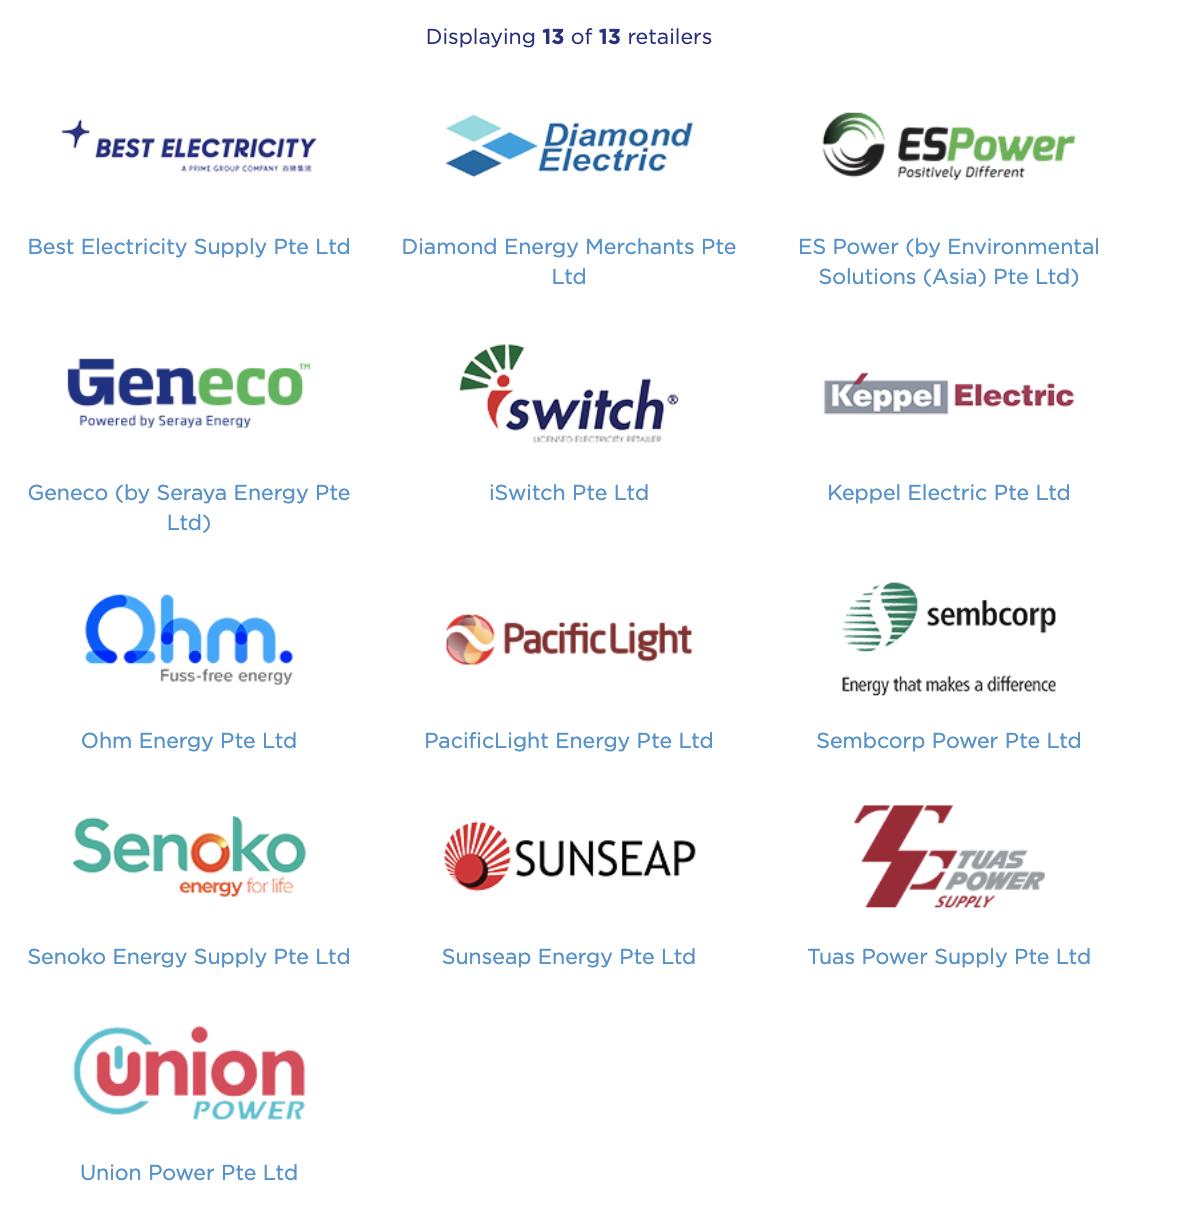 [싱가폴살이] 전기 소매업체로 변경하기 OEM(Open Electricity Market)/싱가포르 전기 수도세/Geneco/Ohm